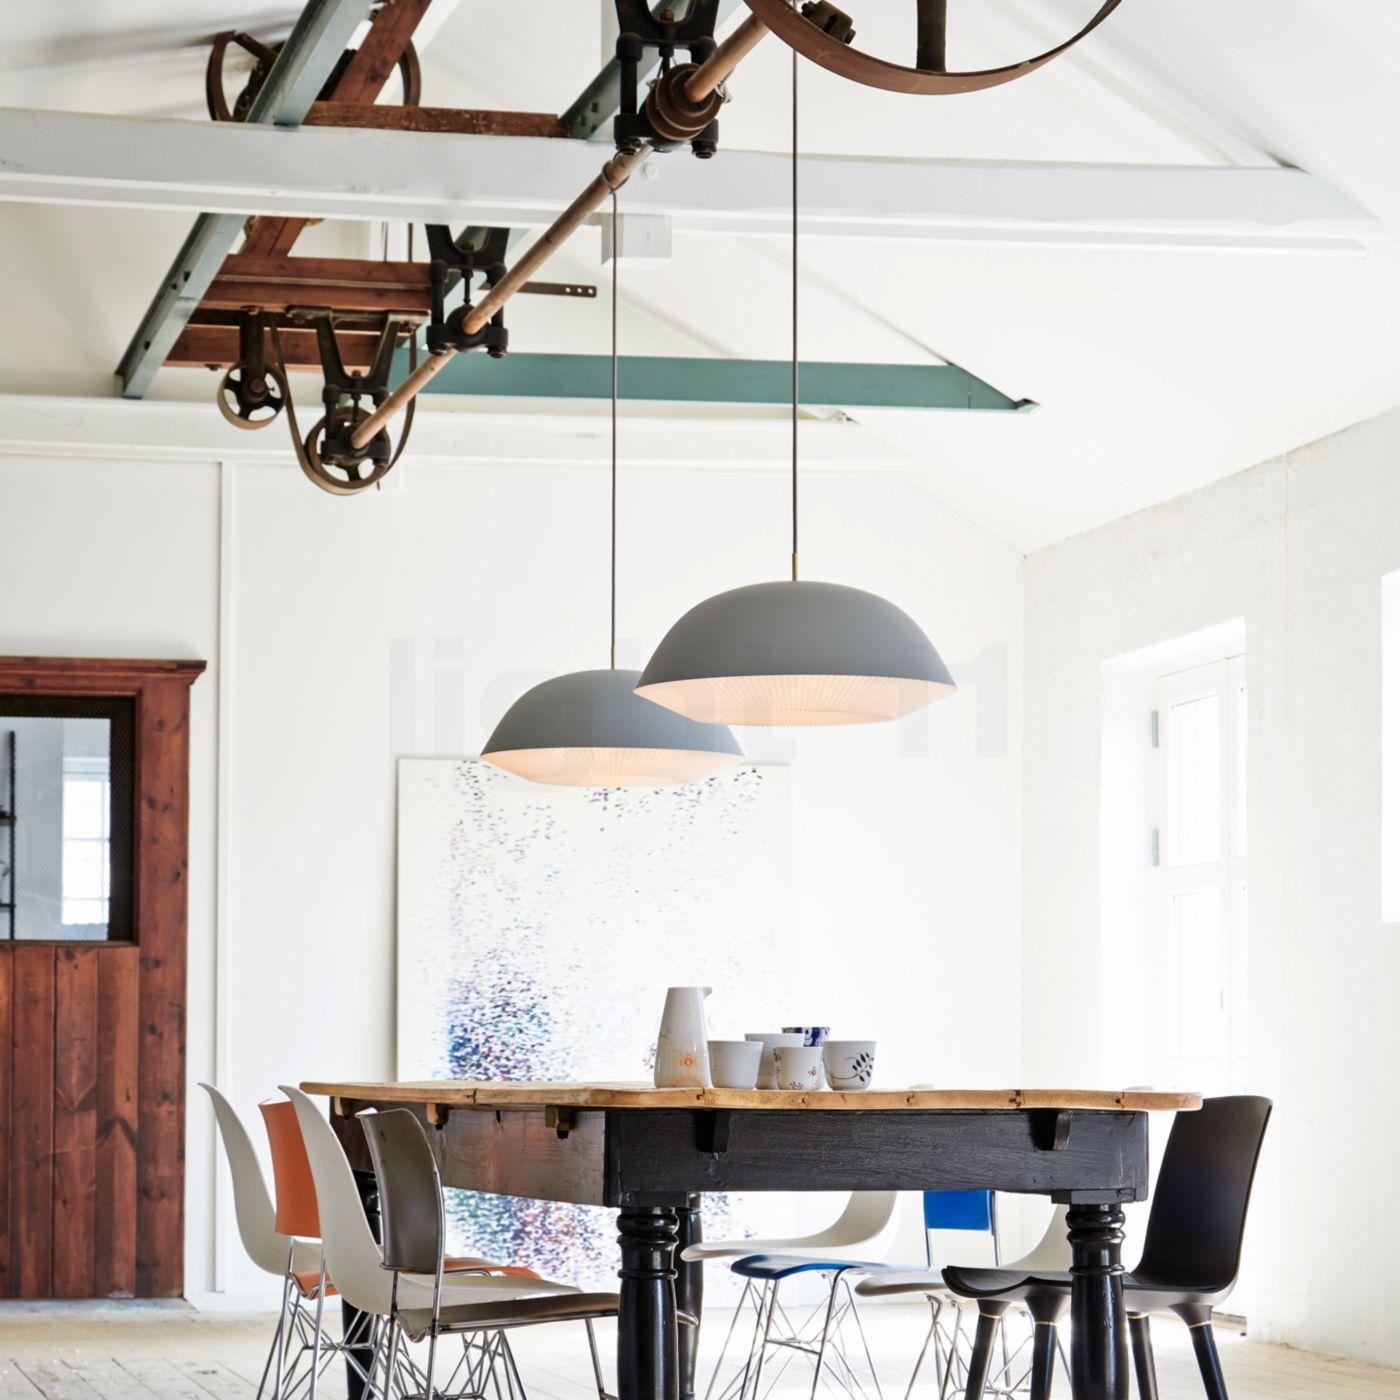 Le Klint Cach Pendant light XL Dining table lamps